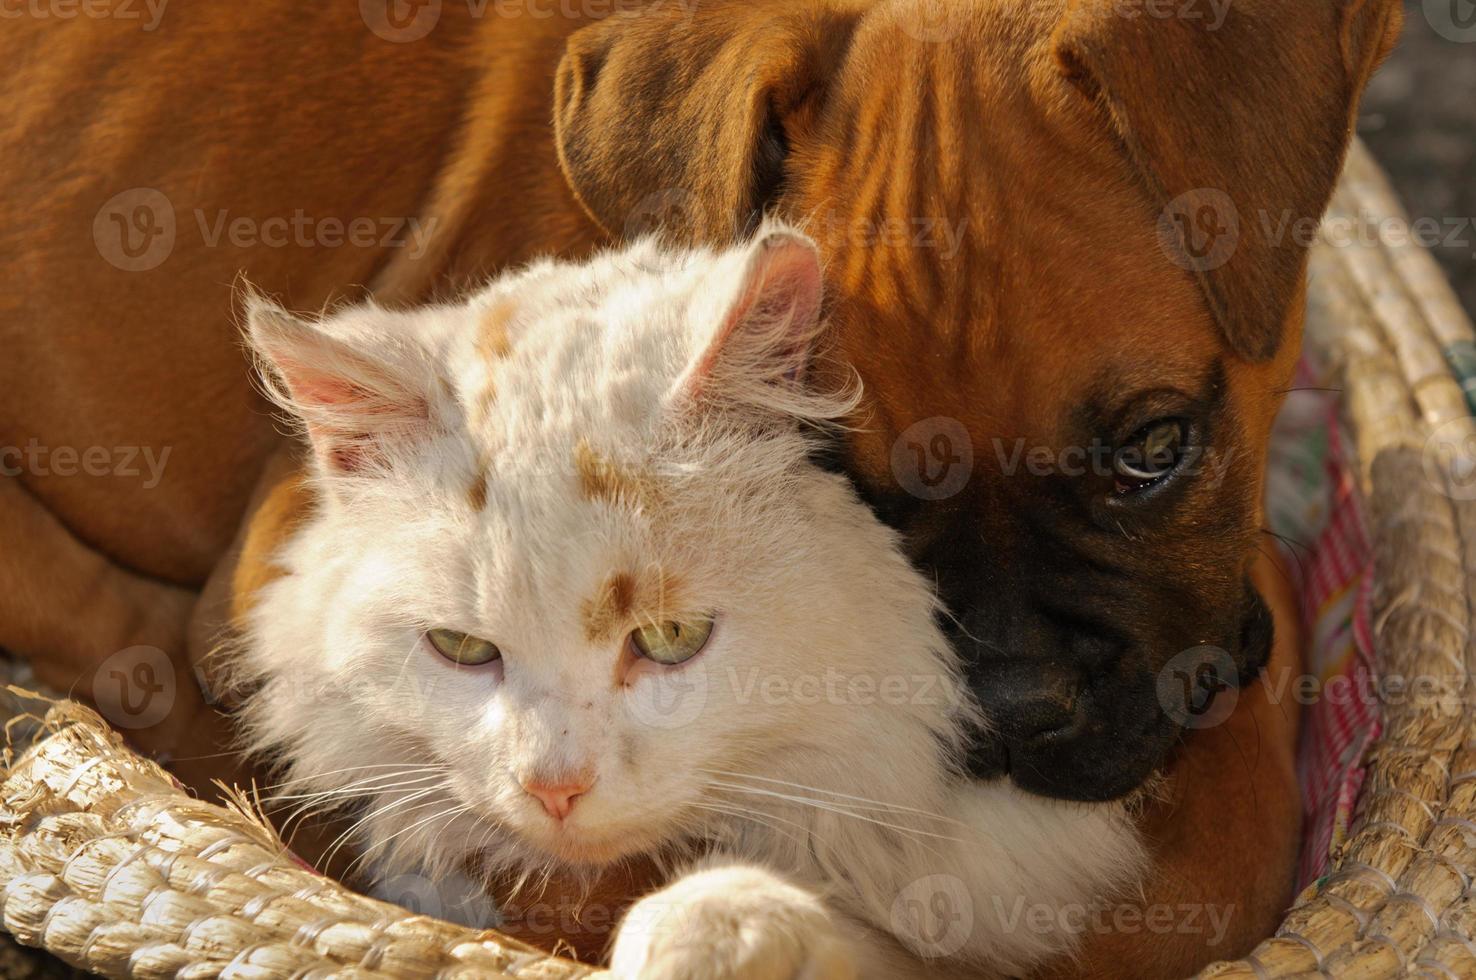 como gatos y perros foto